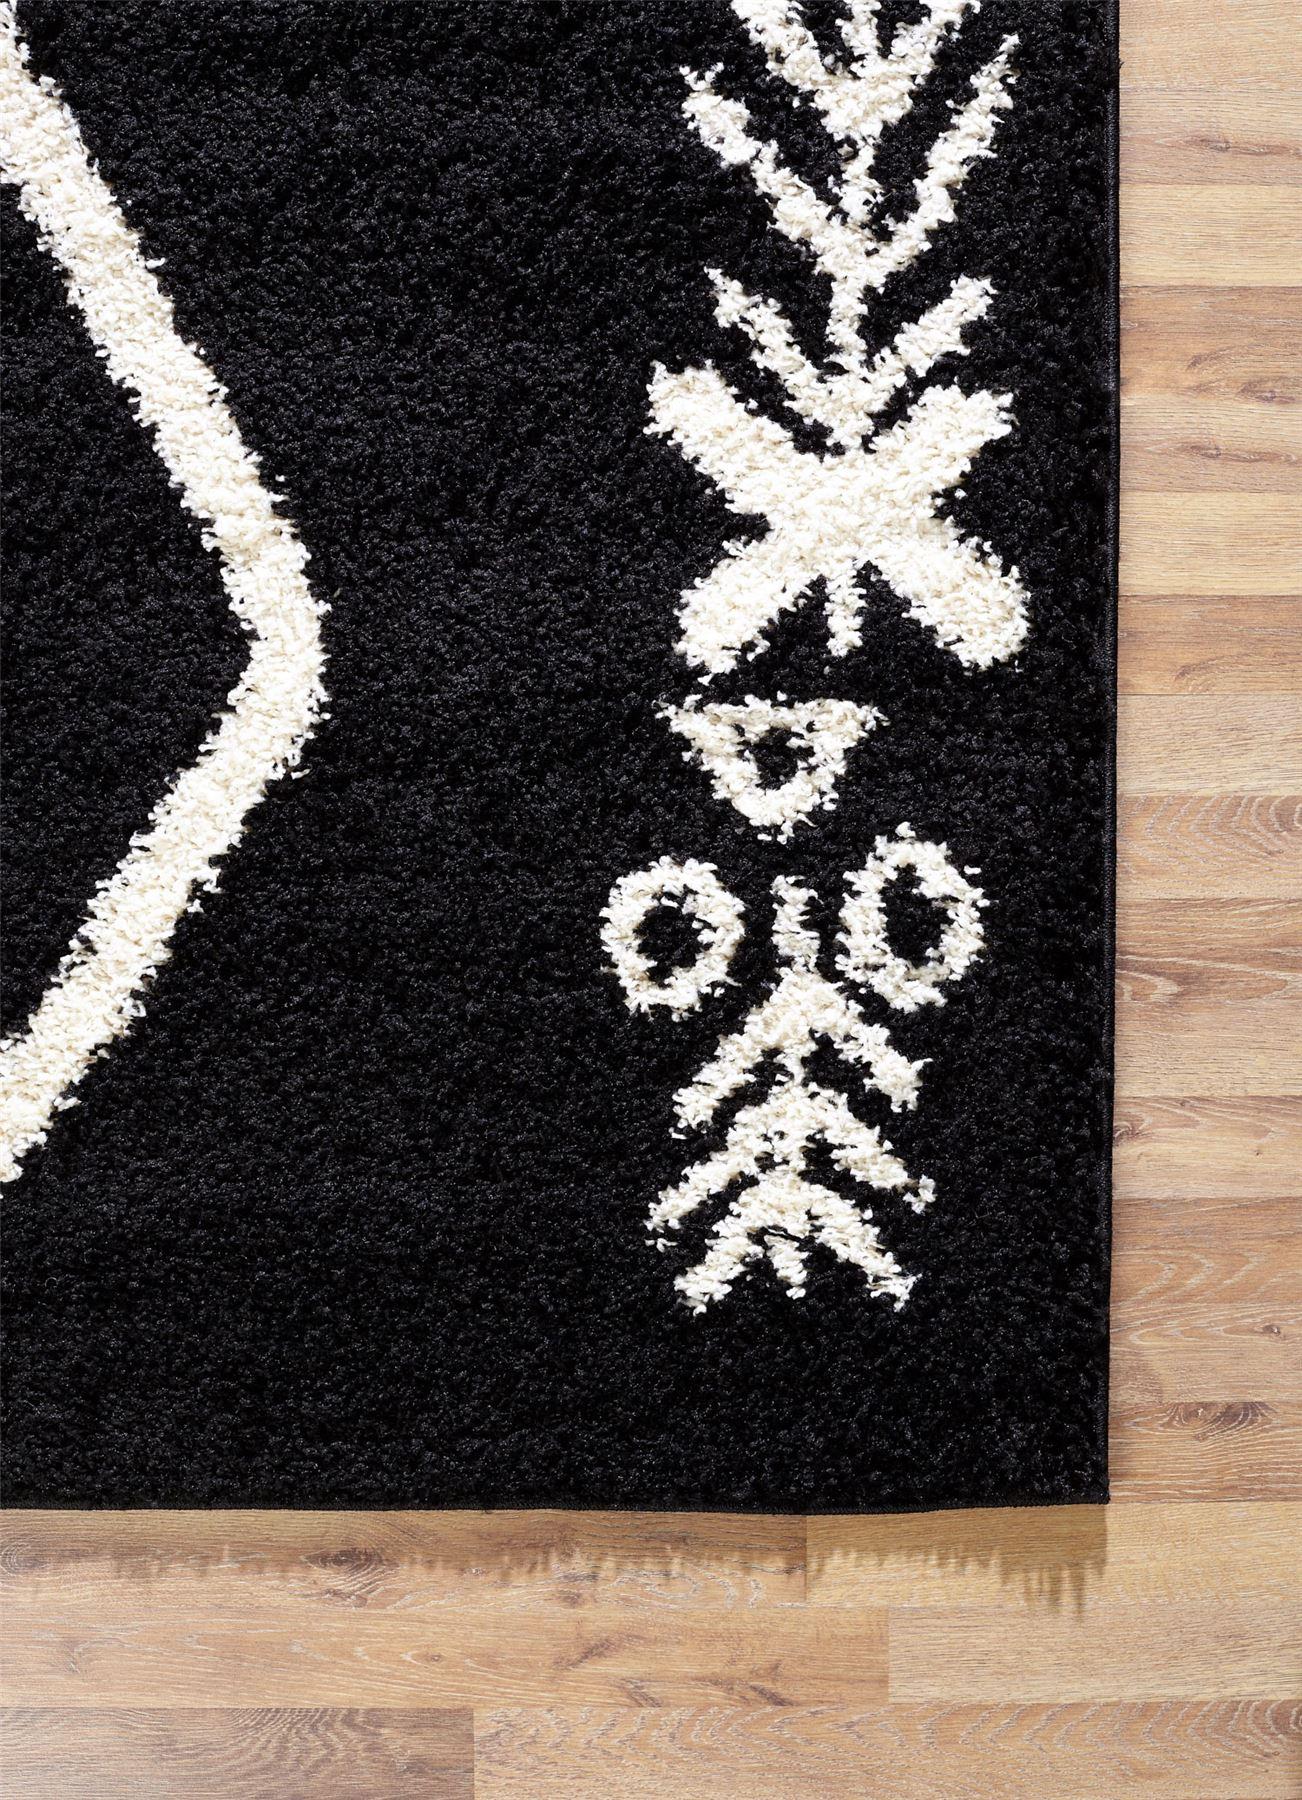 A2Z-Tappeto-Grande-Nero-Bianco-Grigio-Crema-Shaggy-tradizionale-Marocchino-Tribal-3cm-Pile miniatura 6